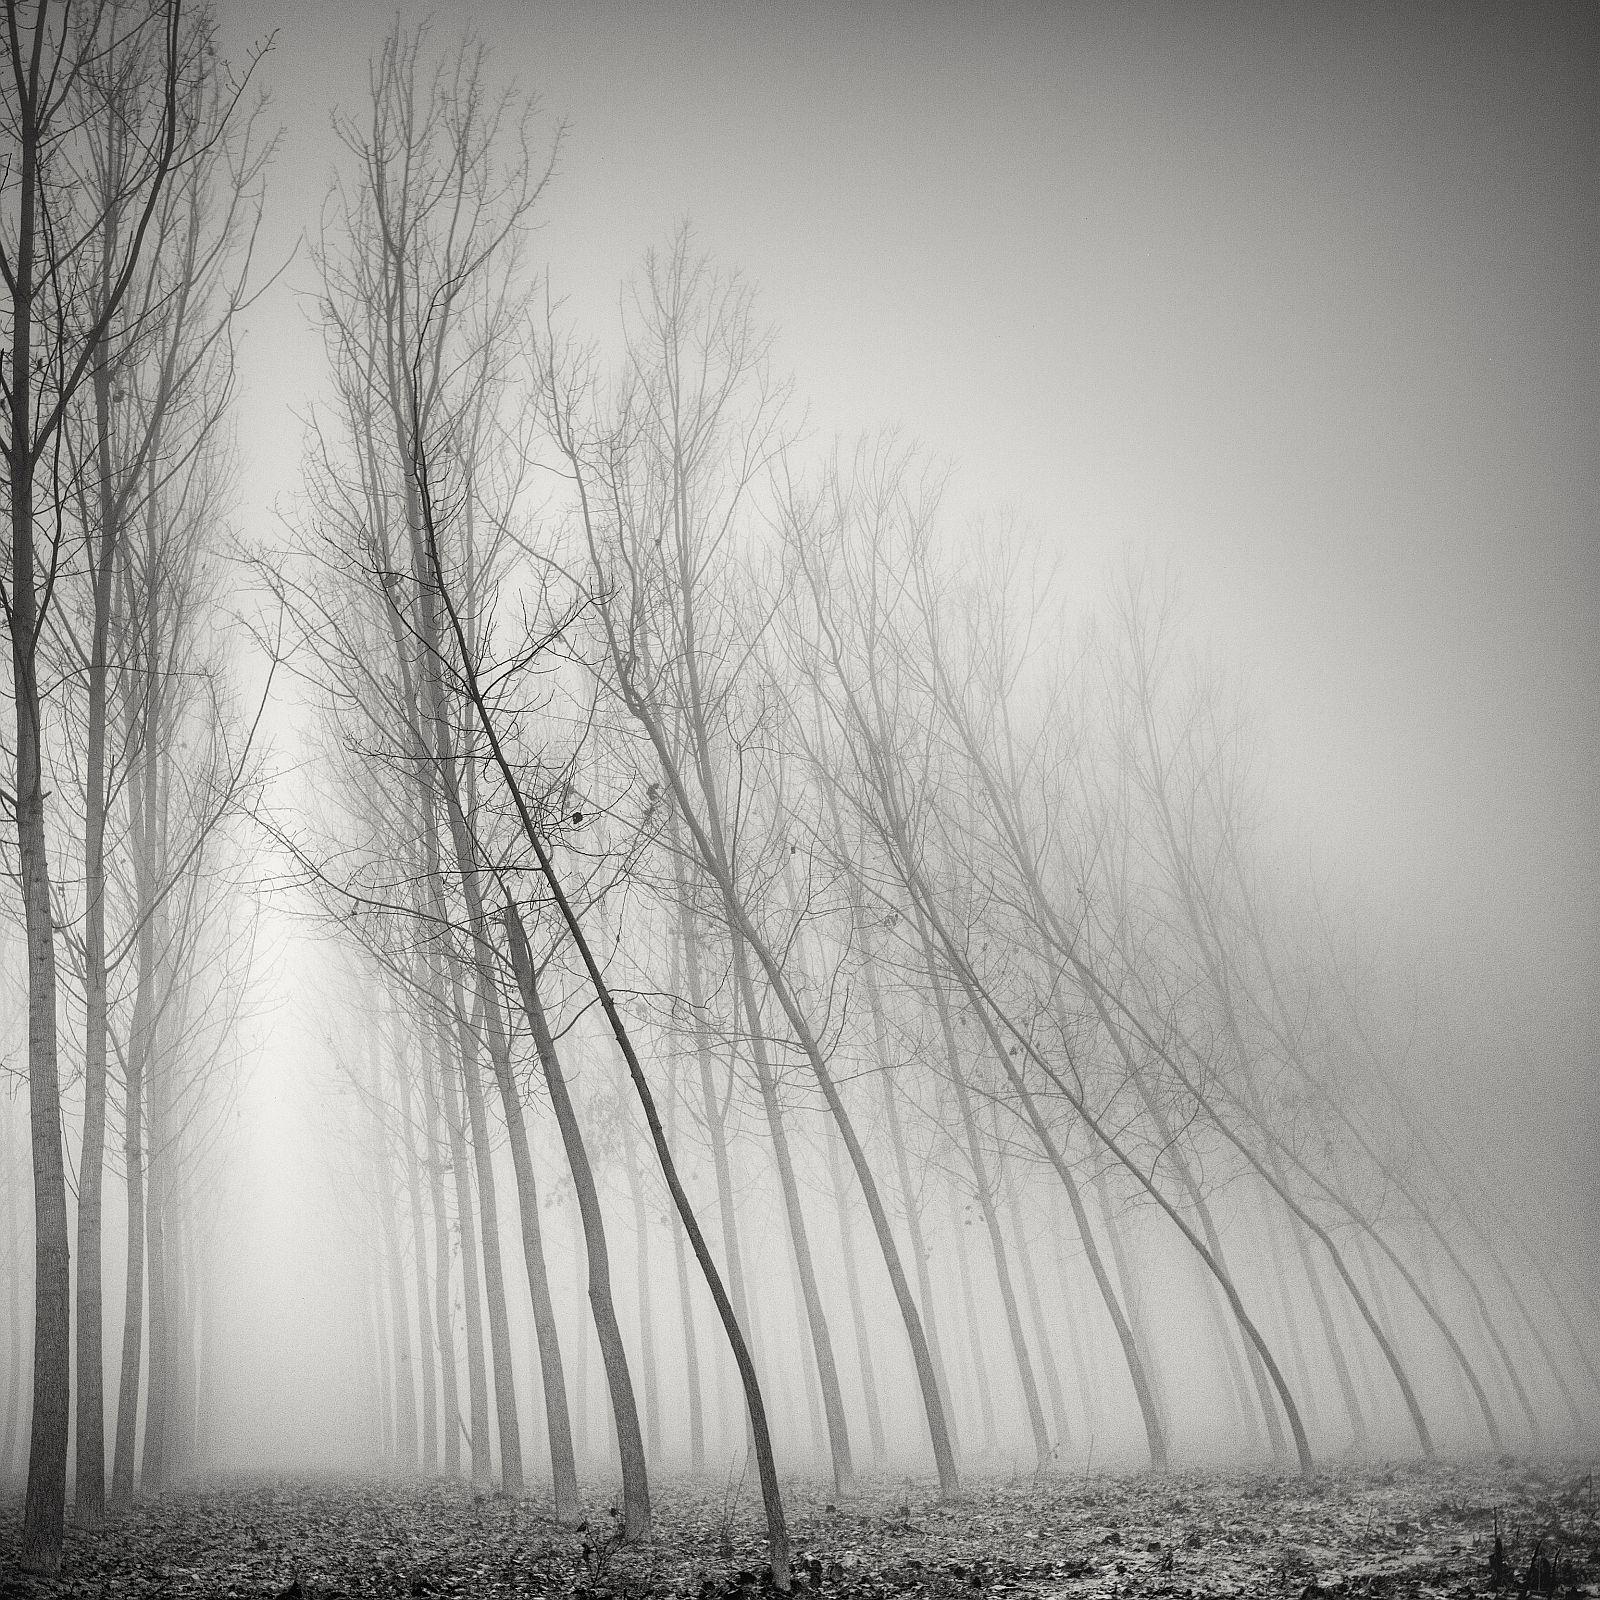 «Извилистость». Первое место в номинации «Ландшафты». Фото: Pierre Pellegrini